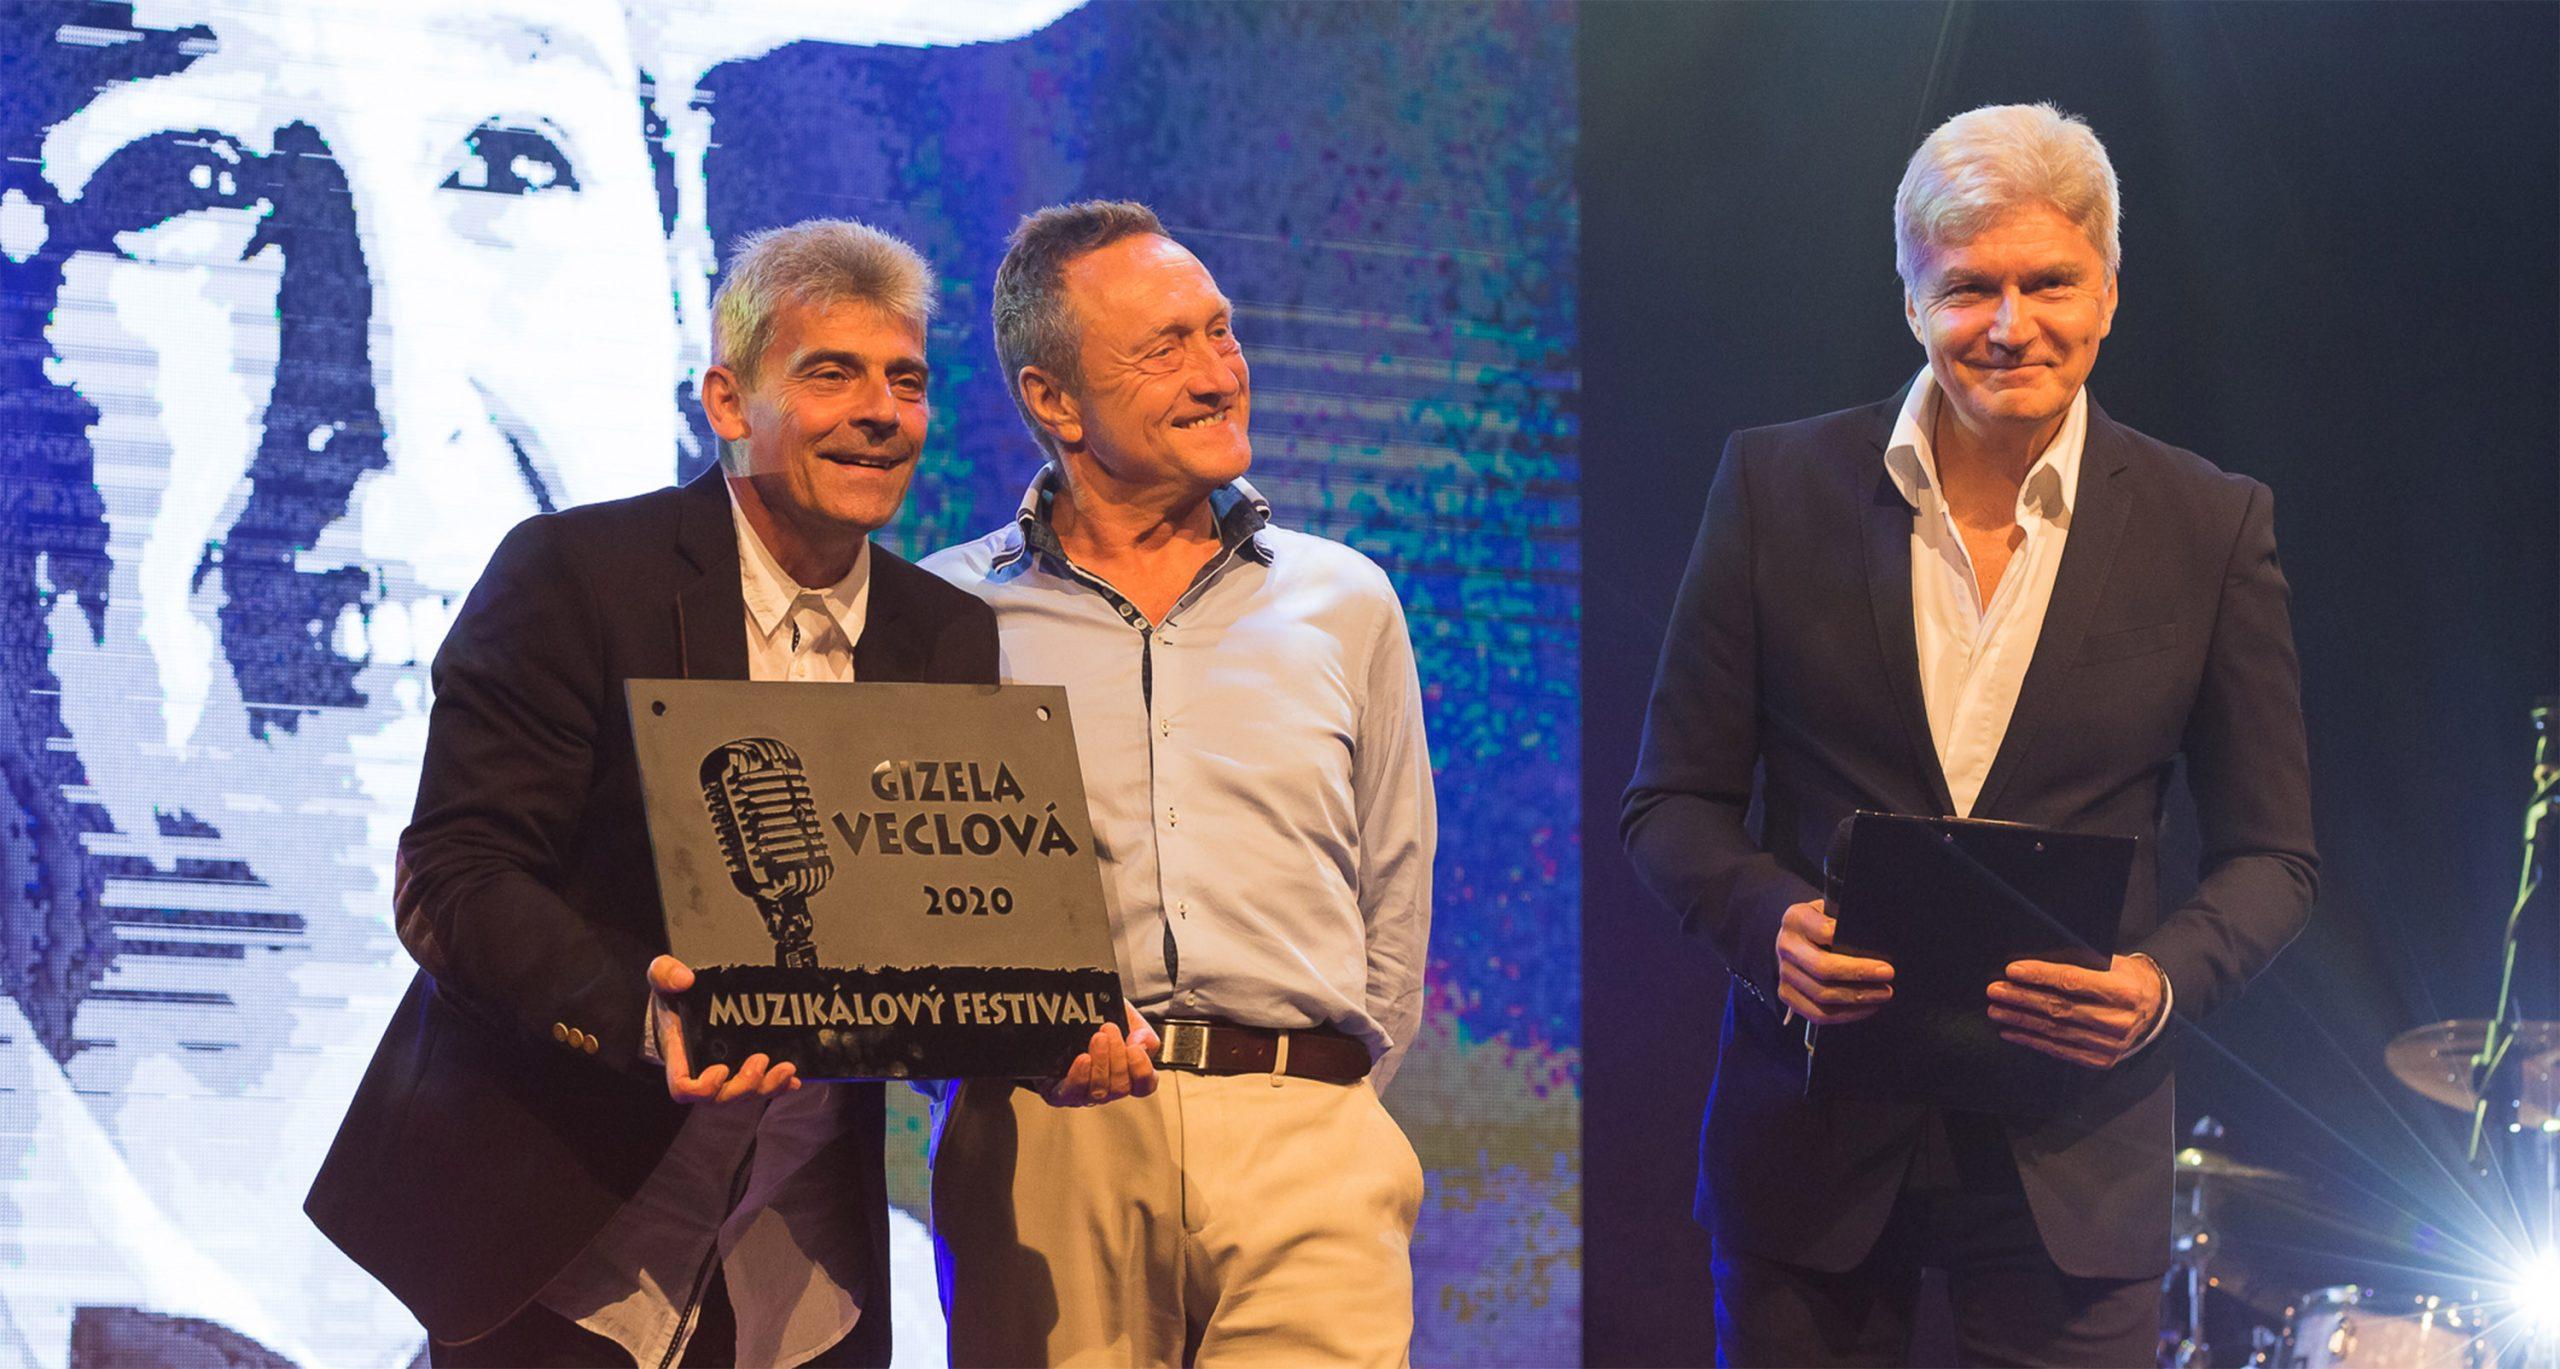 Muzikálový festival ocenil Veclovú, Selčana, Vojtka a Slováčka!?